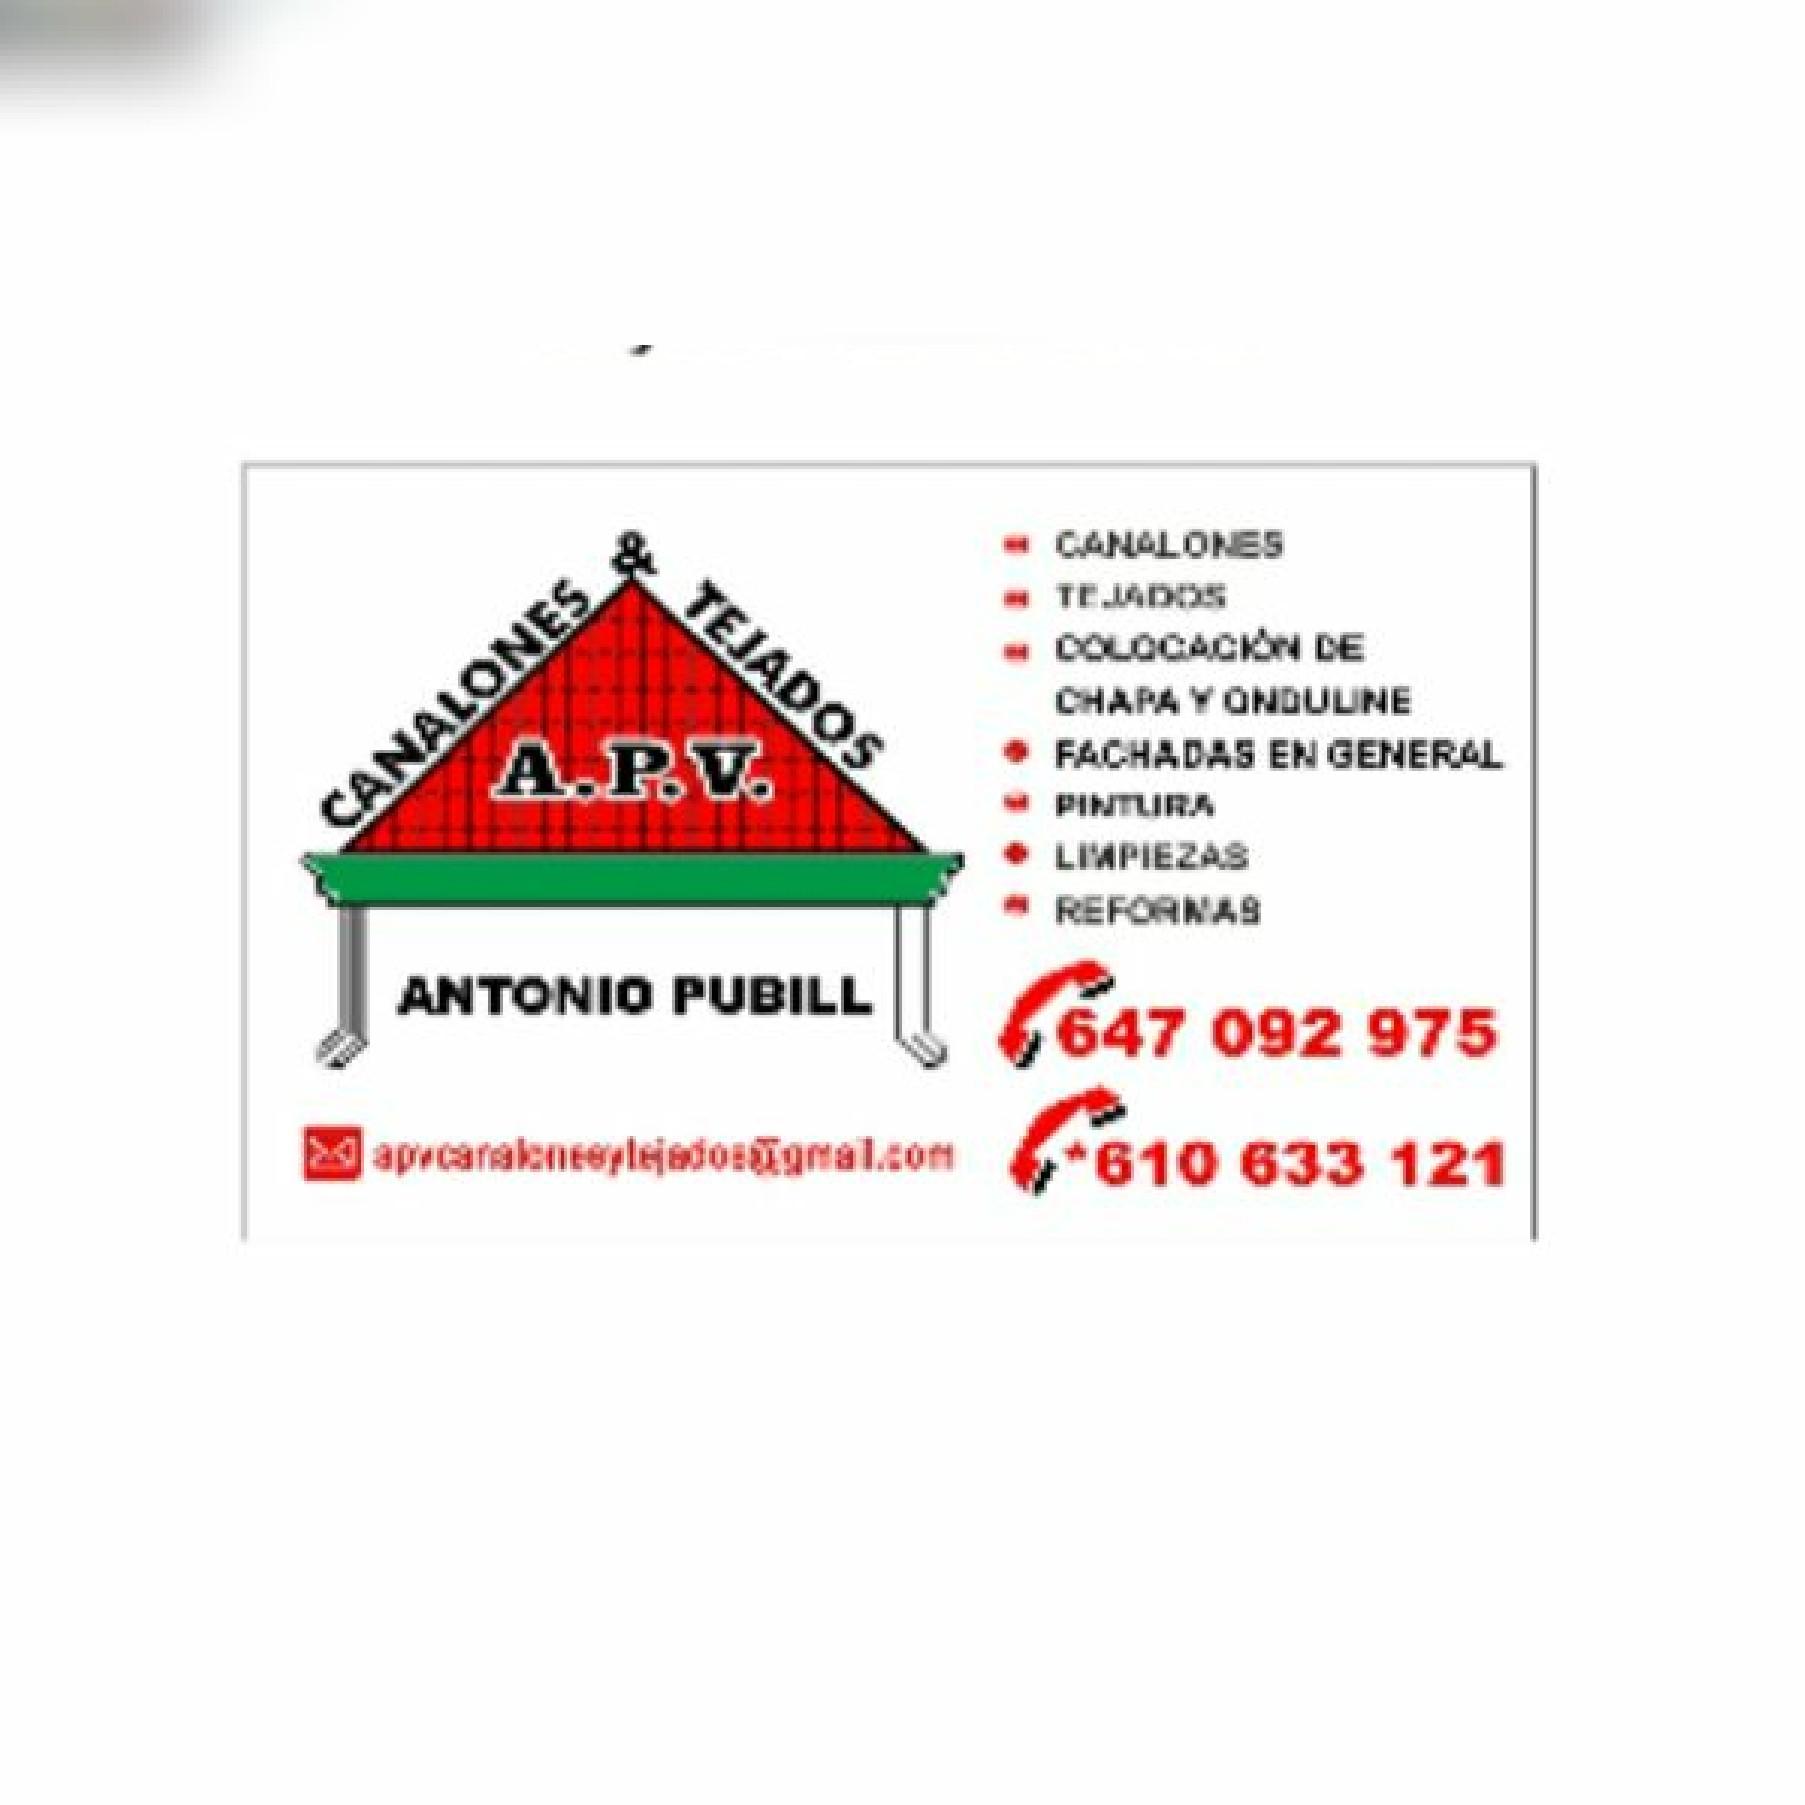 A.P.V. Canalones ,Tejados & Trabajos Verticales